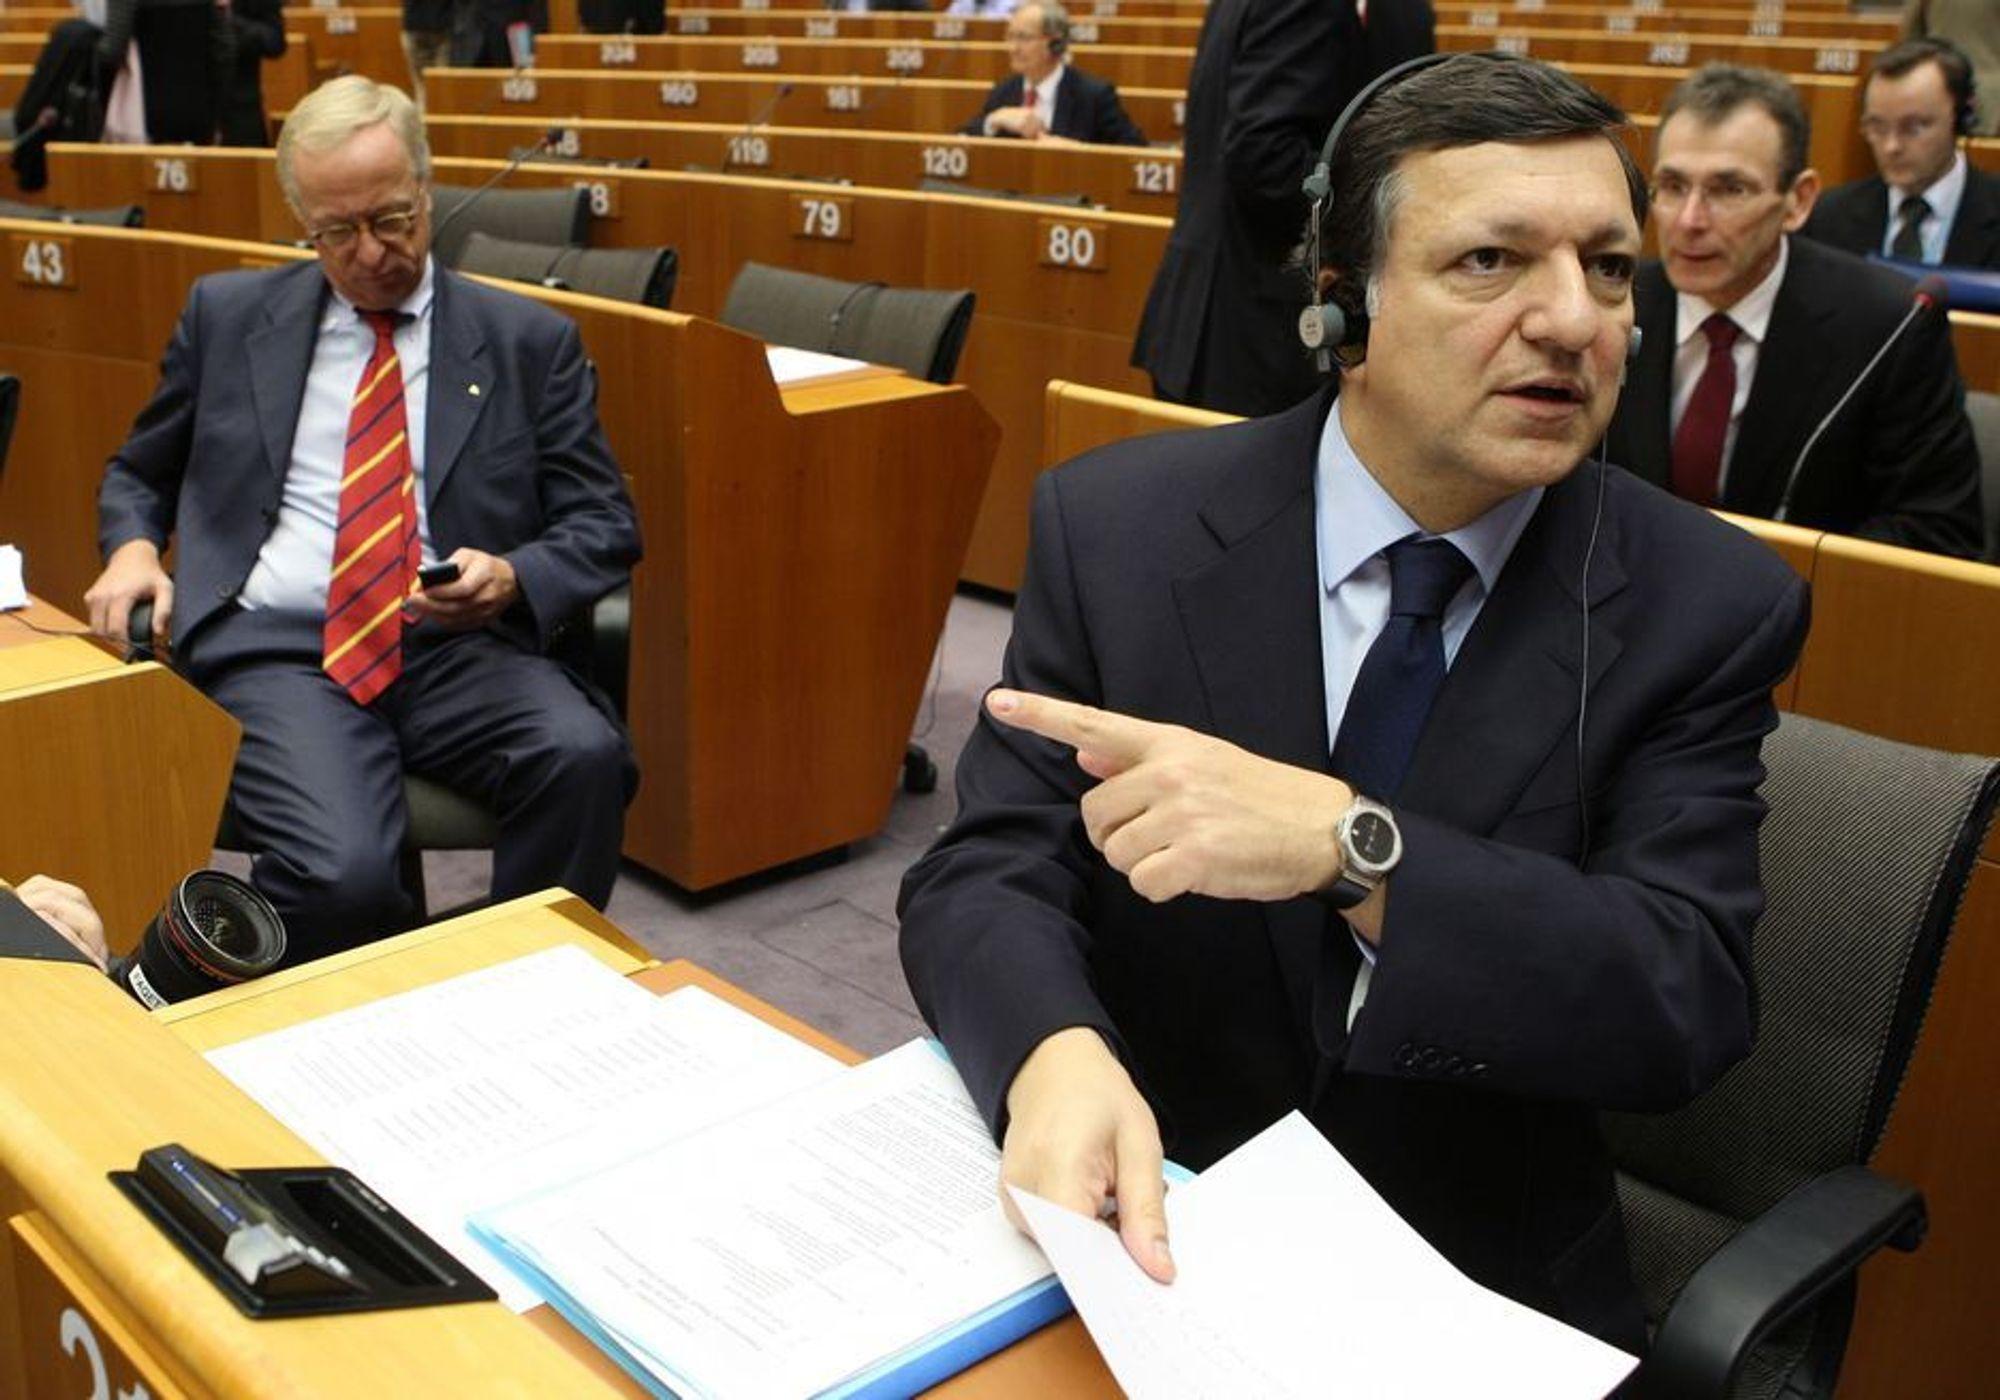 KLIMAPAKKE: EU-kommisjonens president José Manuel Barroso kunne onsdag endelig legge fram konkrete forslag til hvordan EU skal kutte en femdel av drivhusgassene innen 2020.